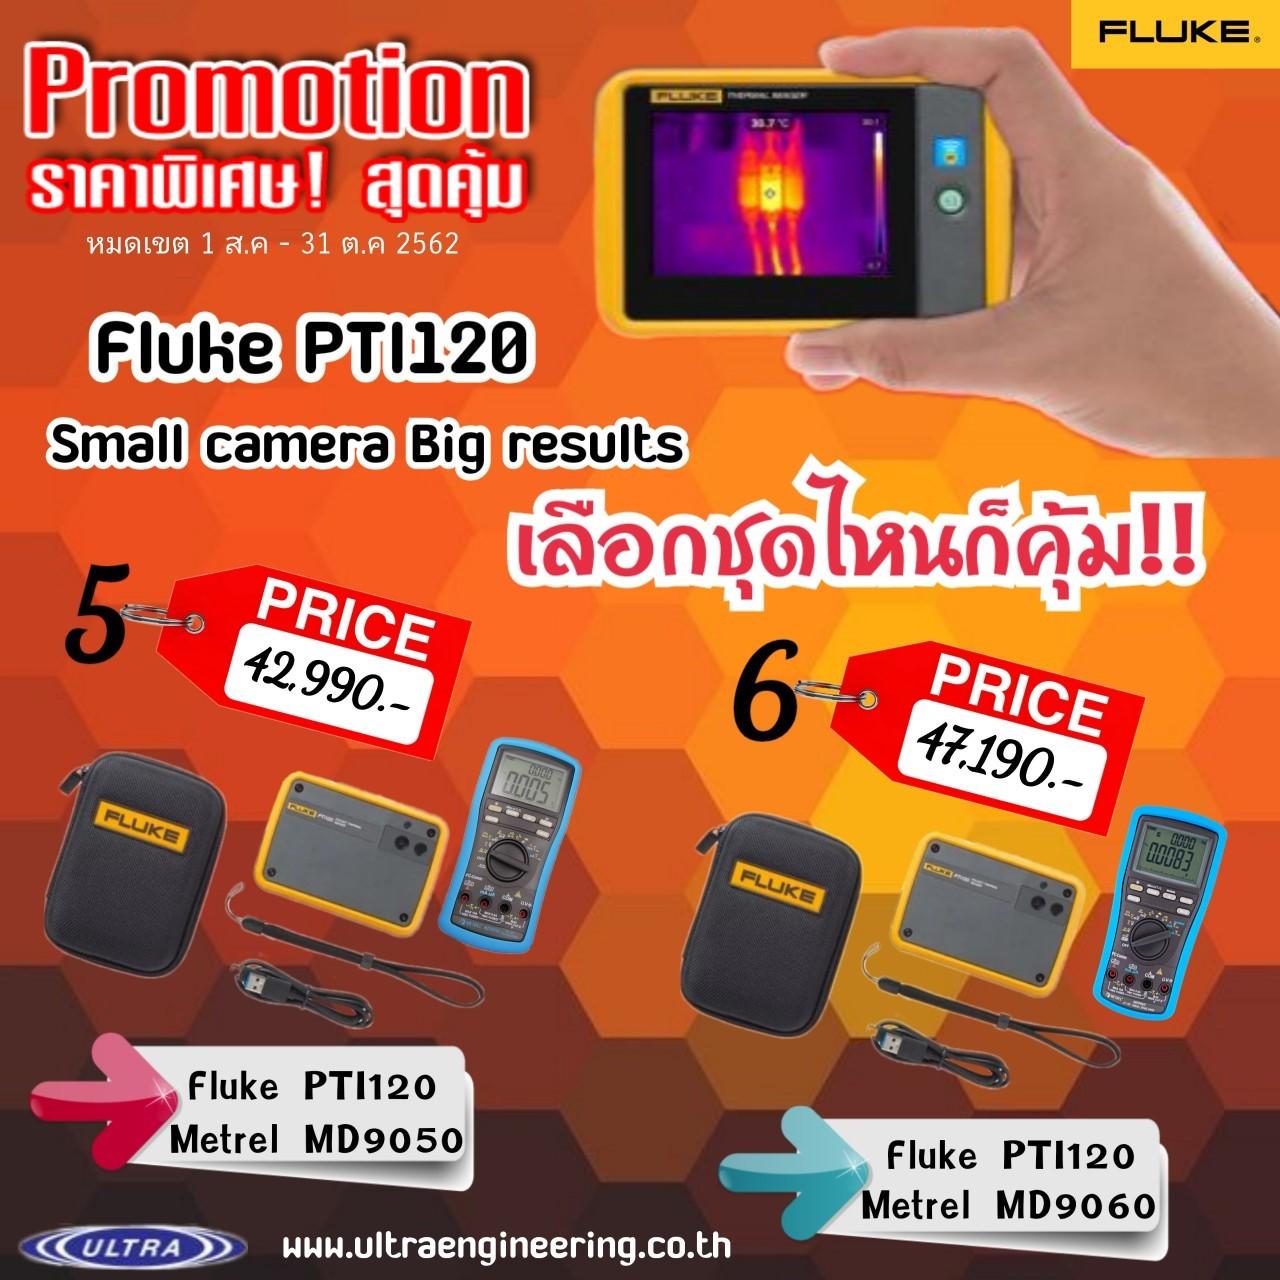 ส่งต่ออีก Small camera Big results Fluke PTi120 โปรโมชั่นสุดคุ้ม